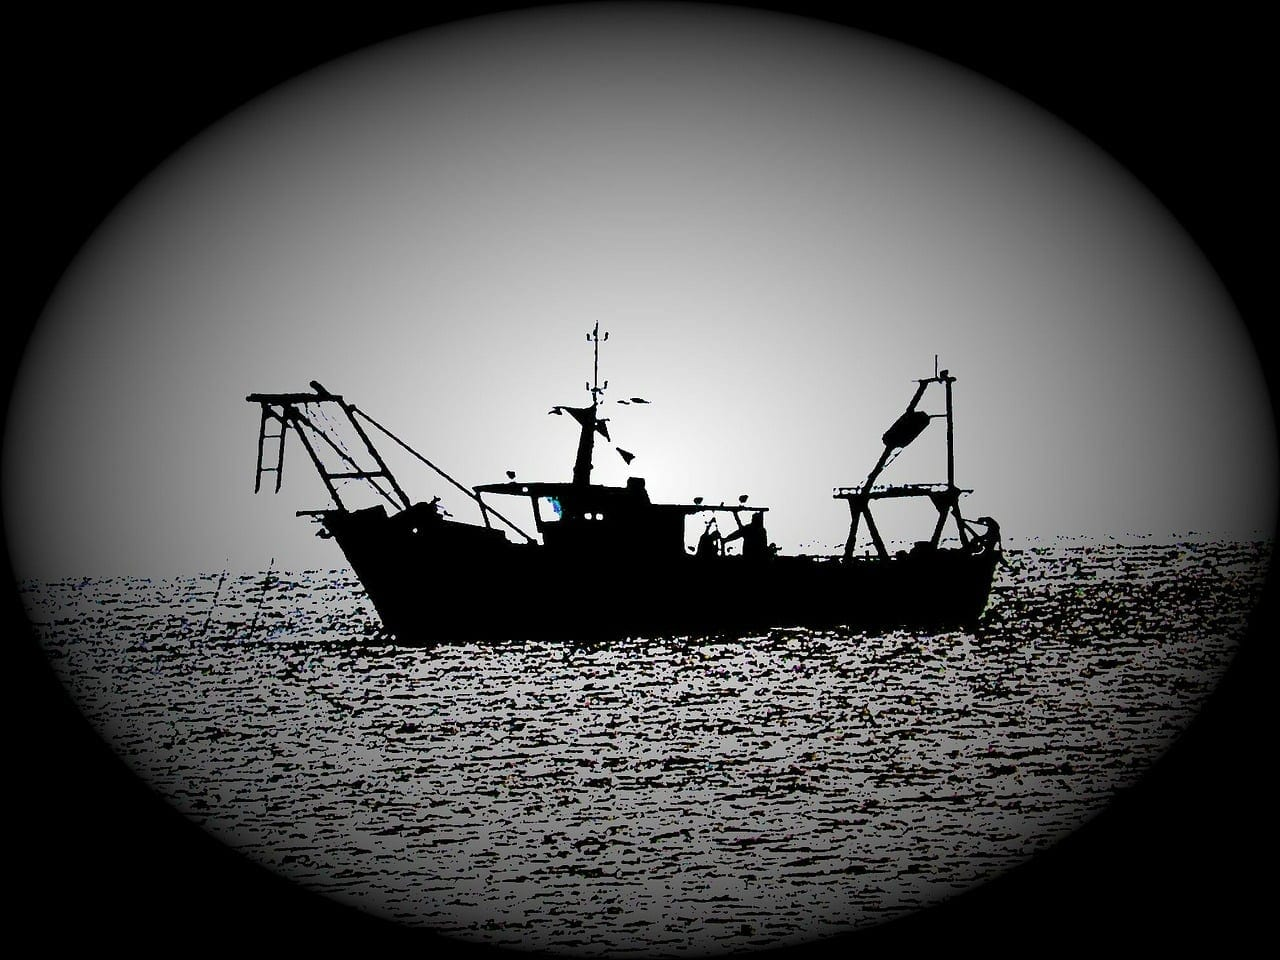 τουρκικά αλιευτικά κύθηρα